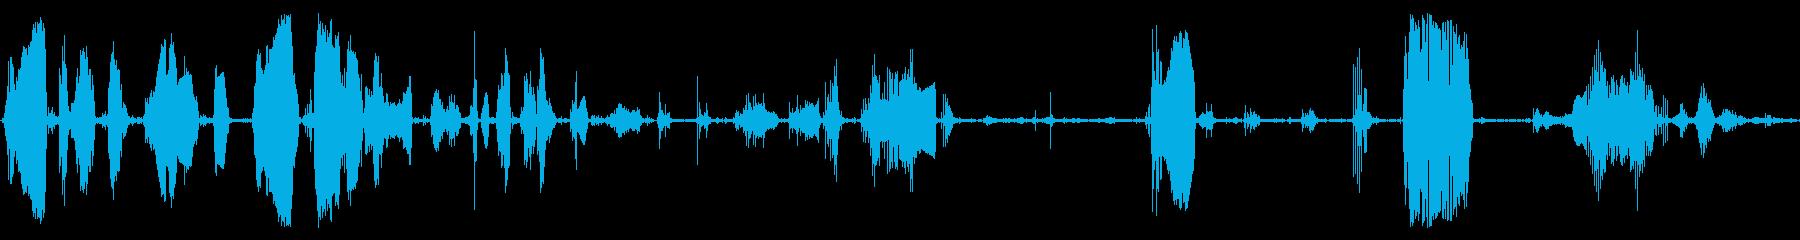 怒り、ゴロゴロ、グルーニング、フラ...の再生済みの波形